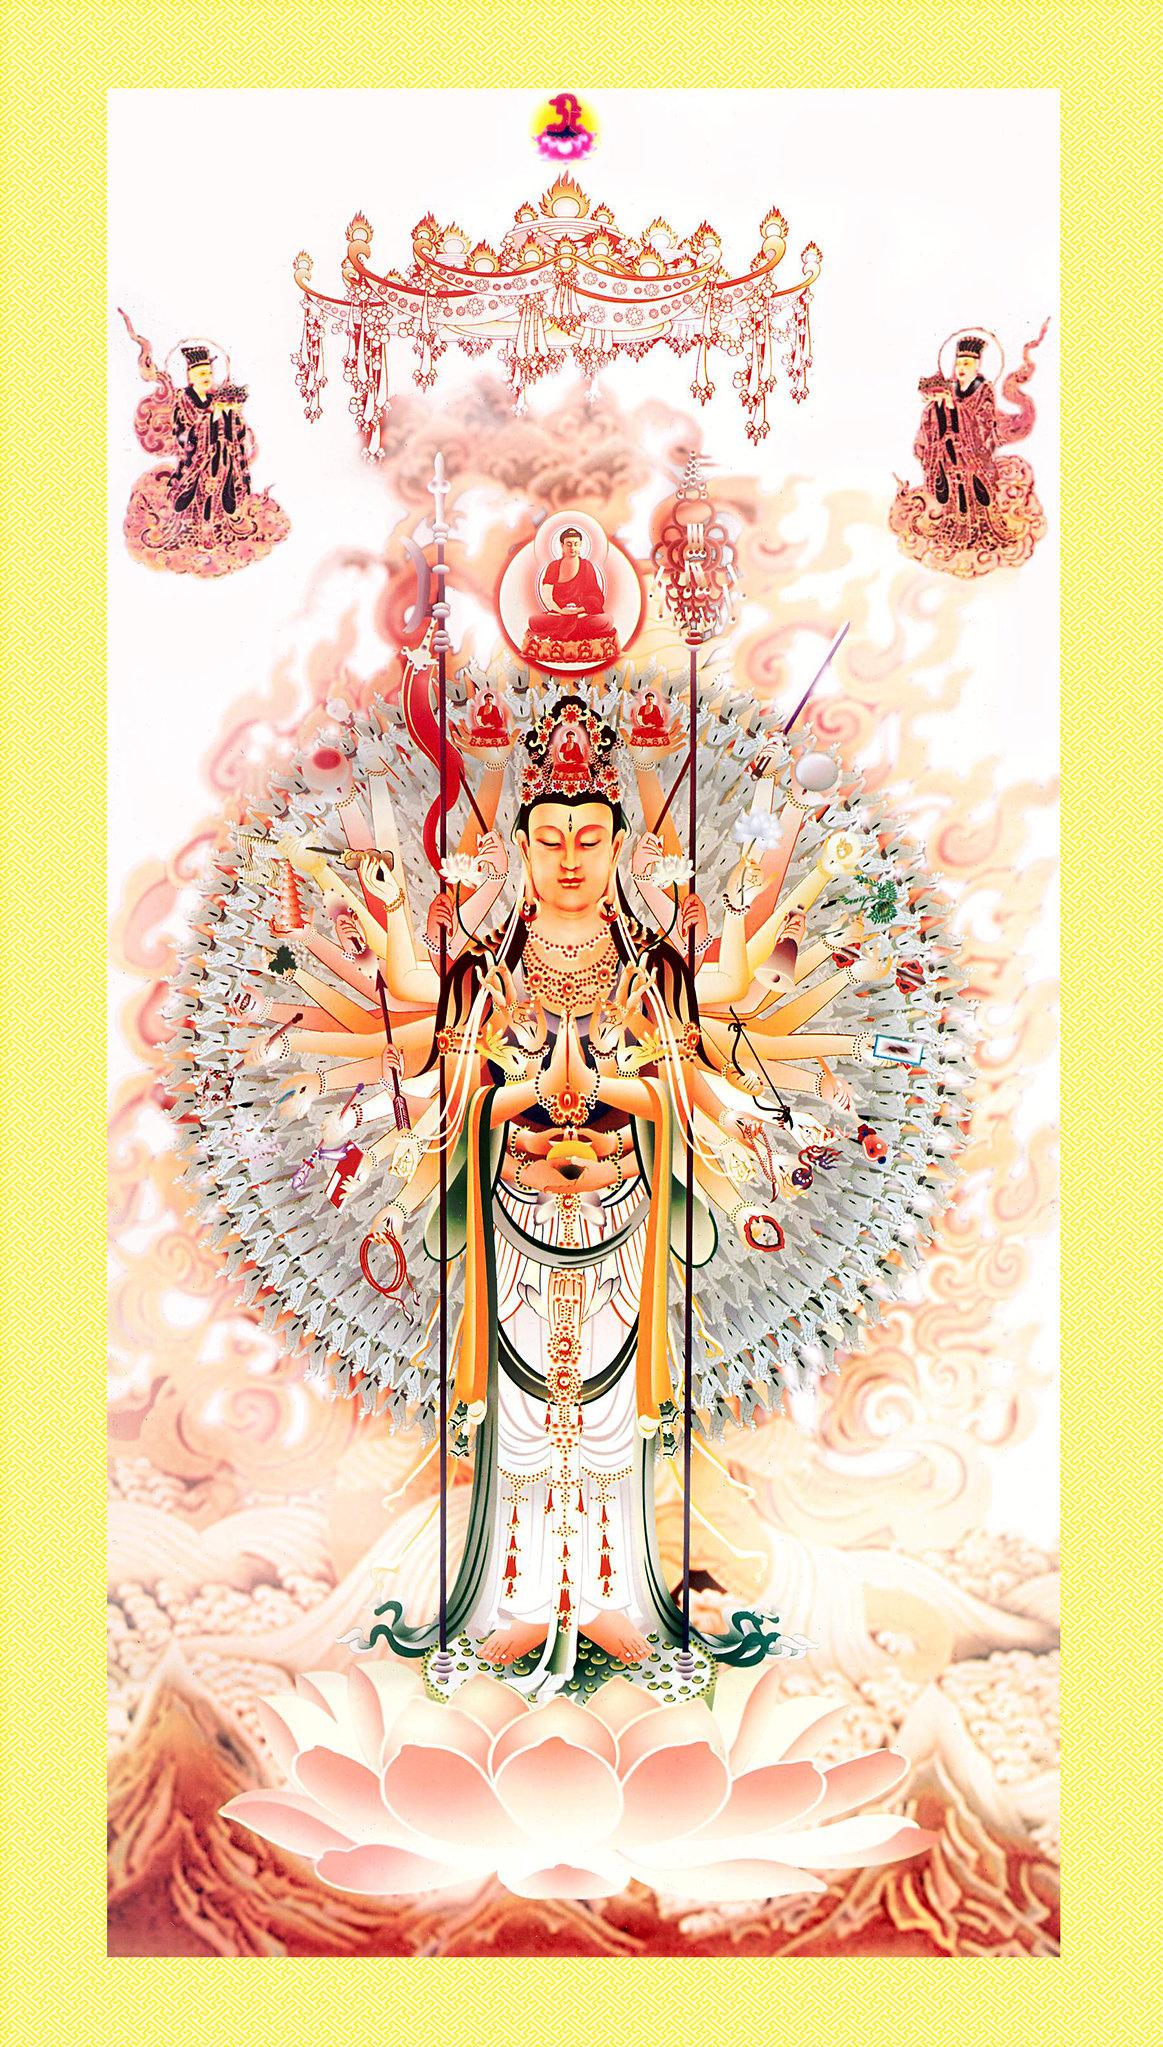 Thiên Thủ Thiên Nhãn - Vị Phật Bản Mệnh Tuổi Tý